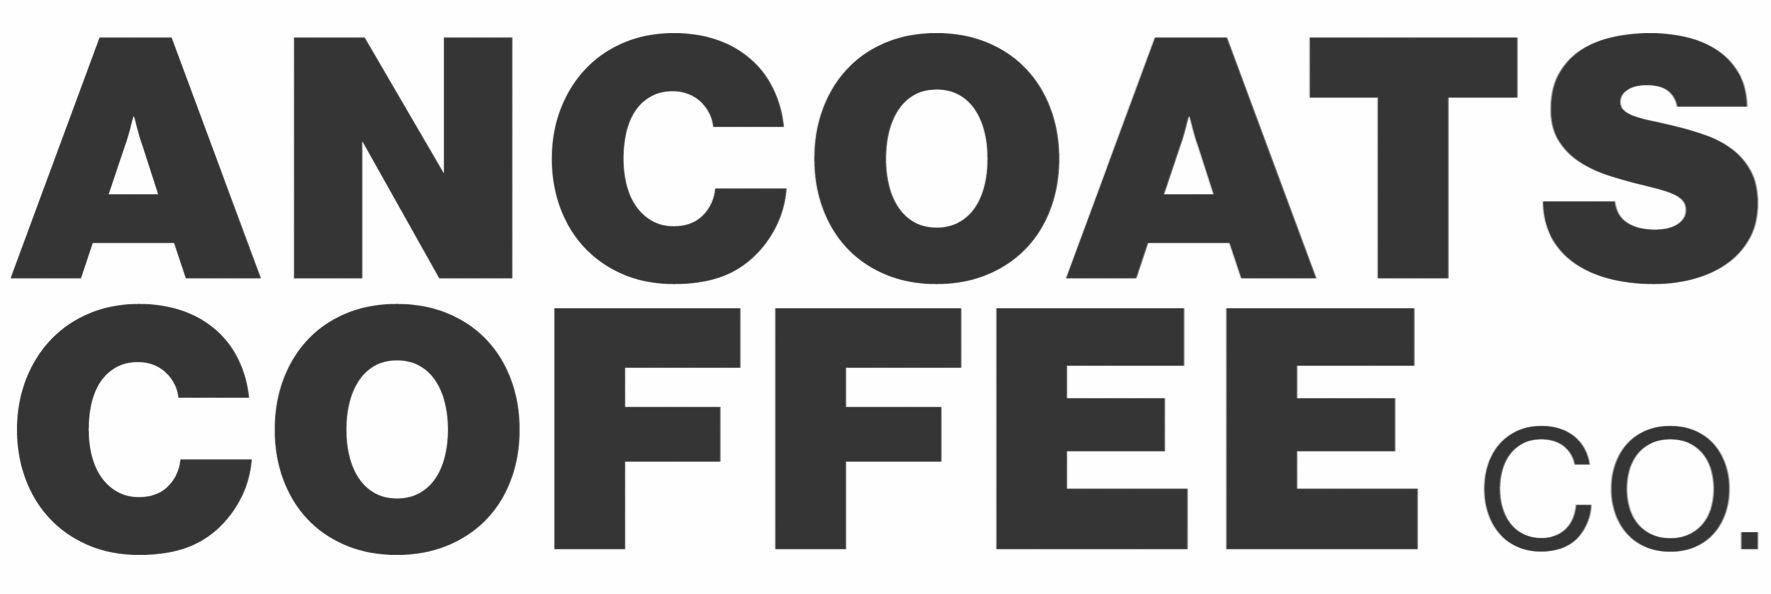 Ancoats Coffee